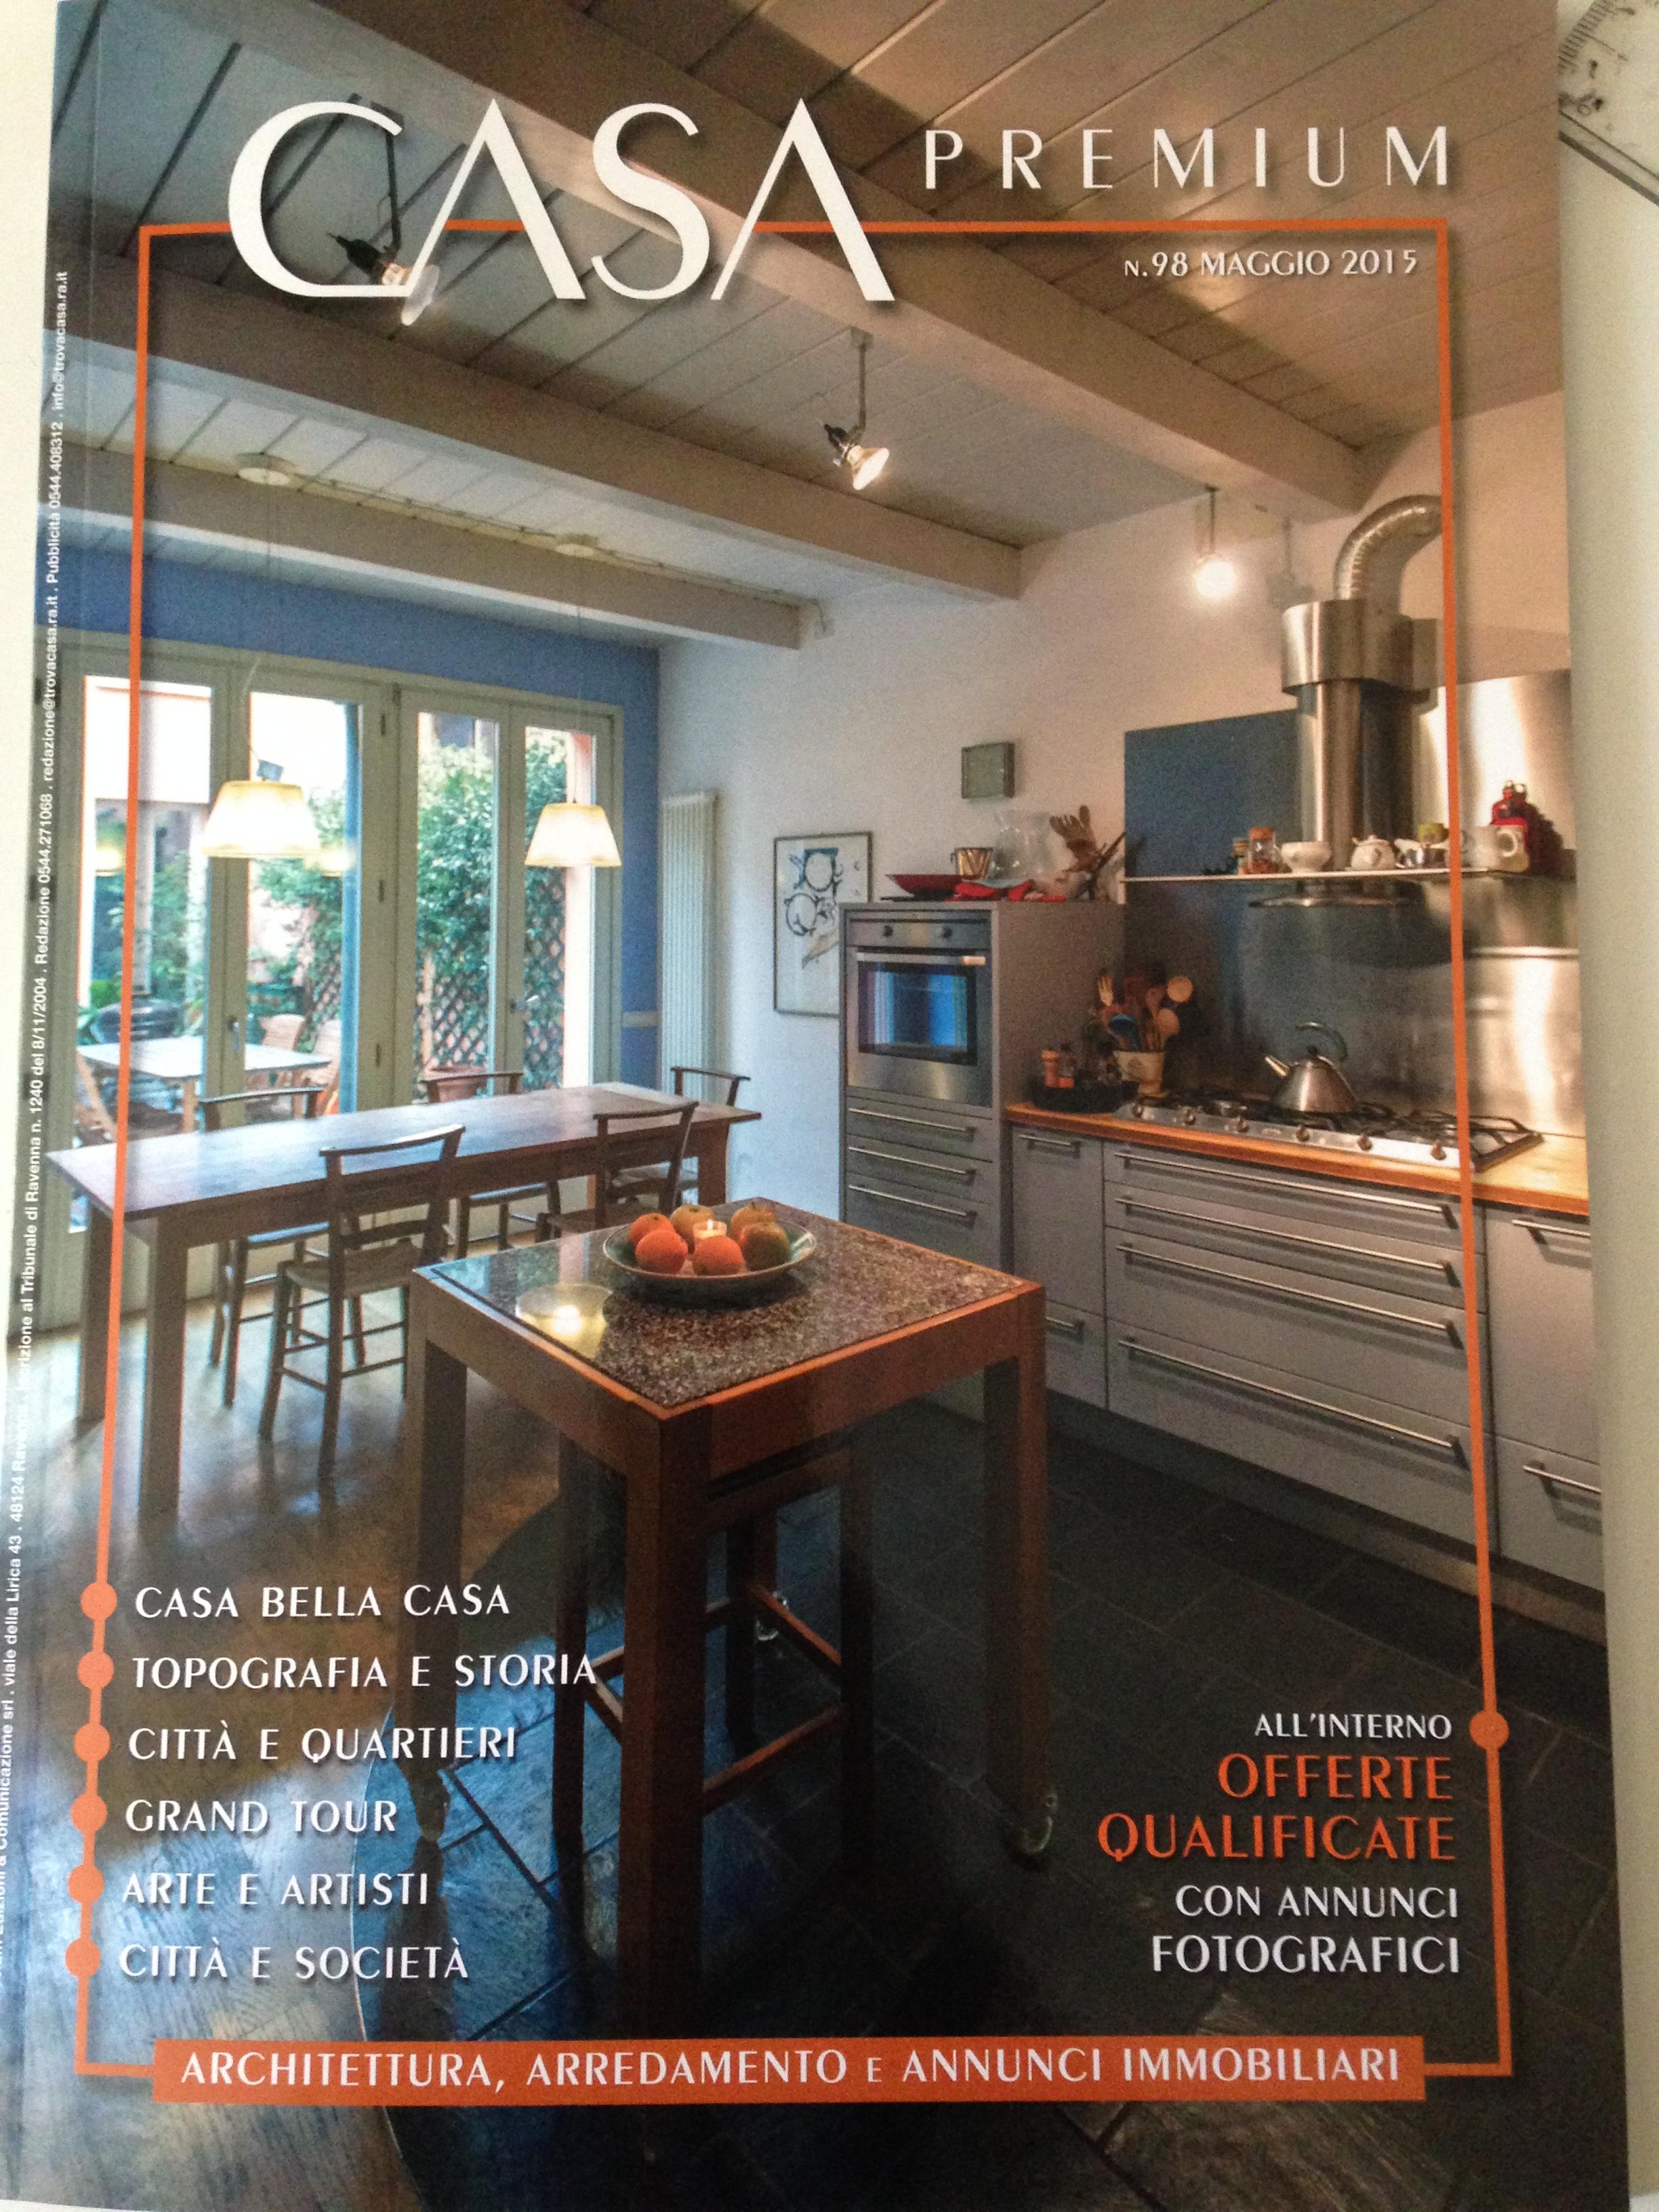 Rivista casa idee casa pagine facebook esempi di mobili for Riviste di casa e arredamento